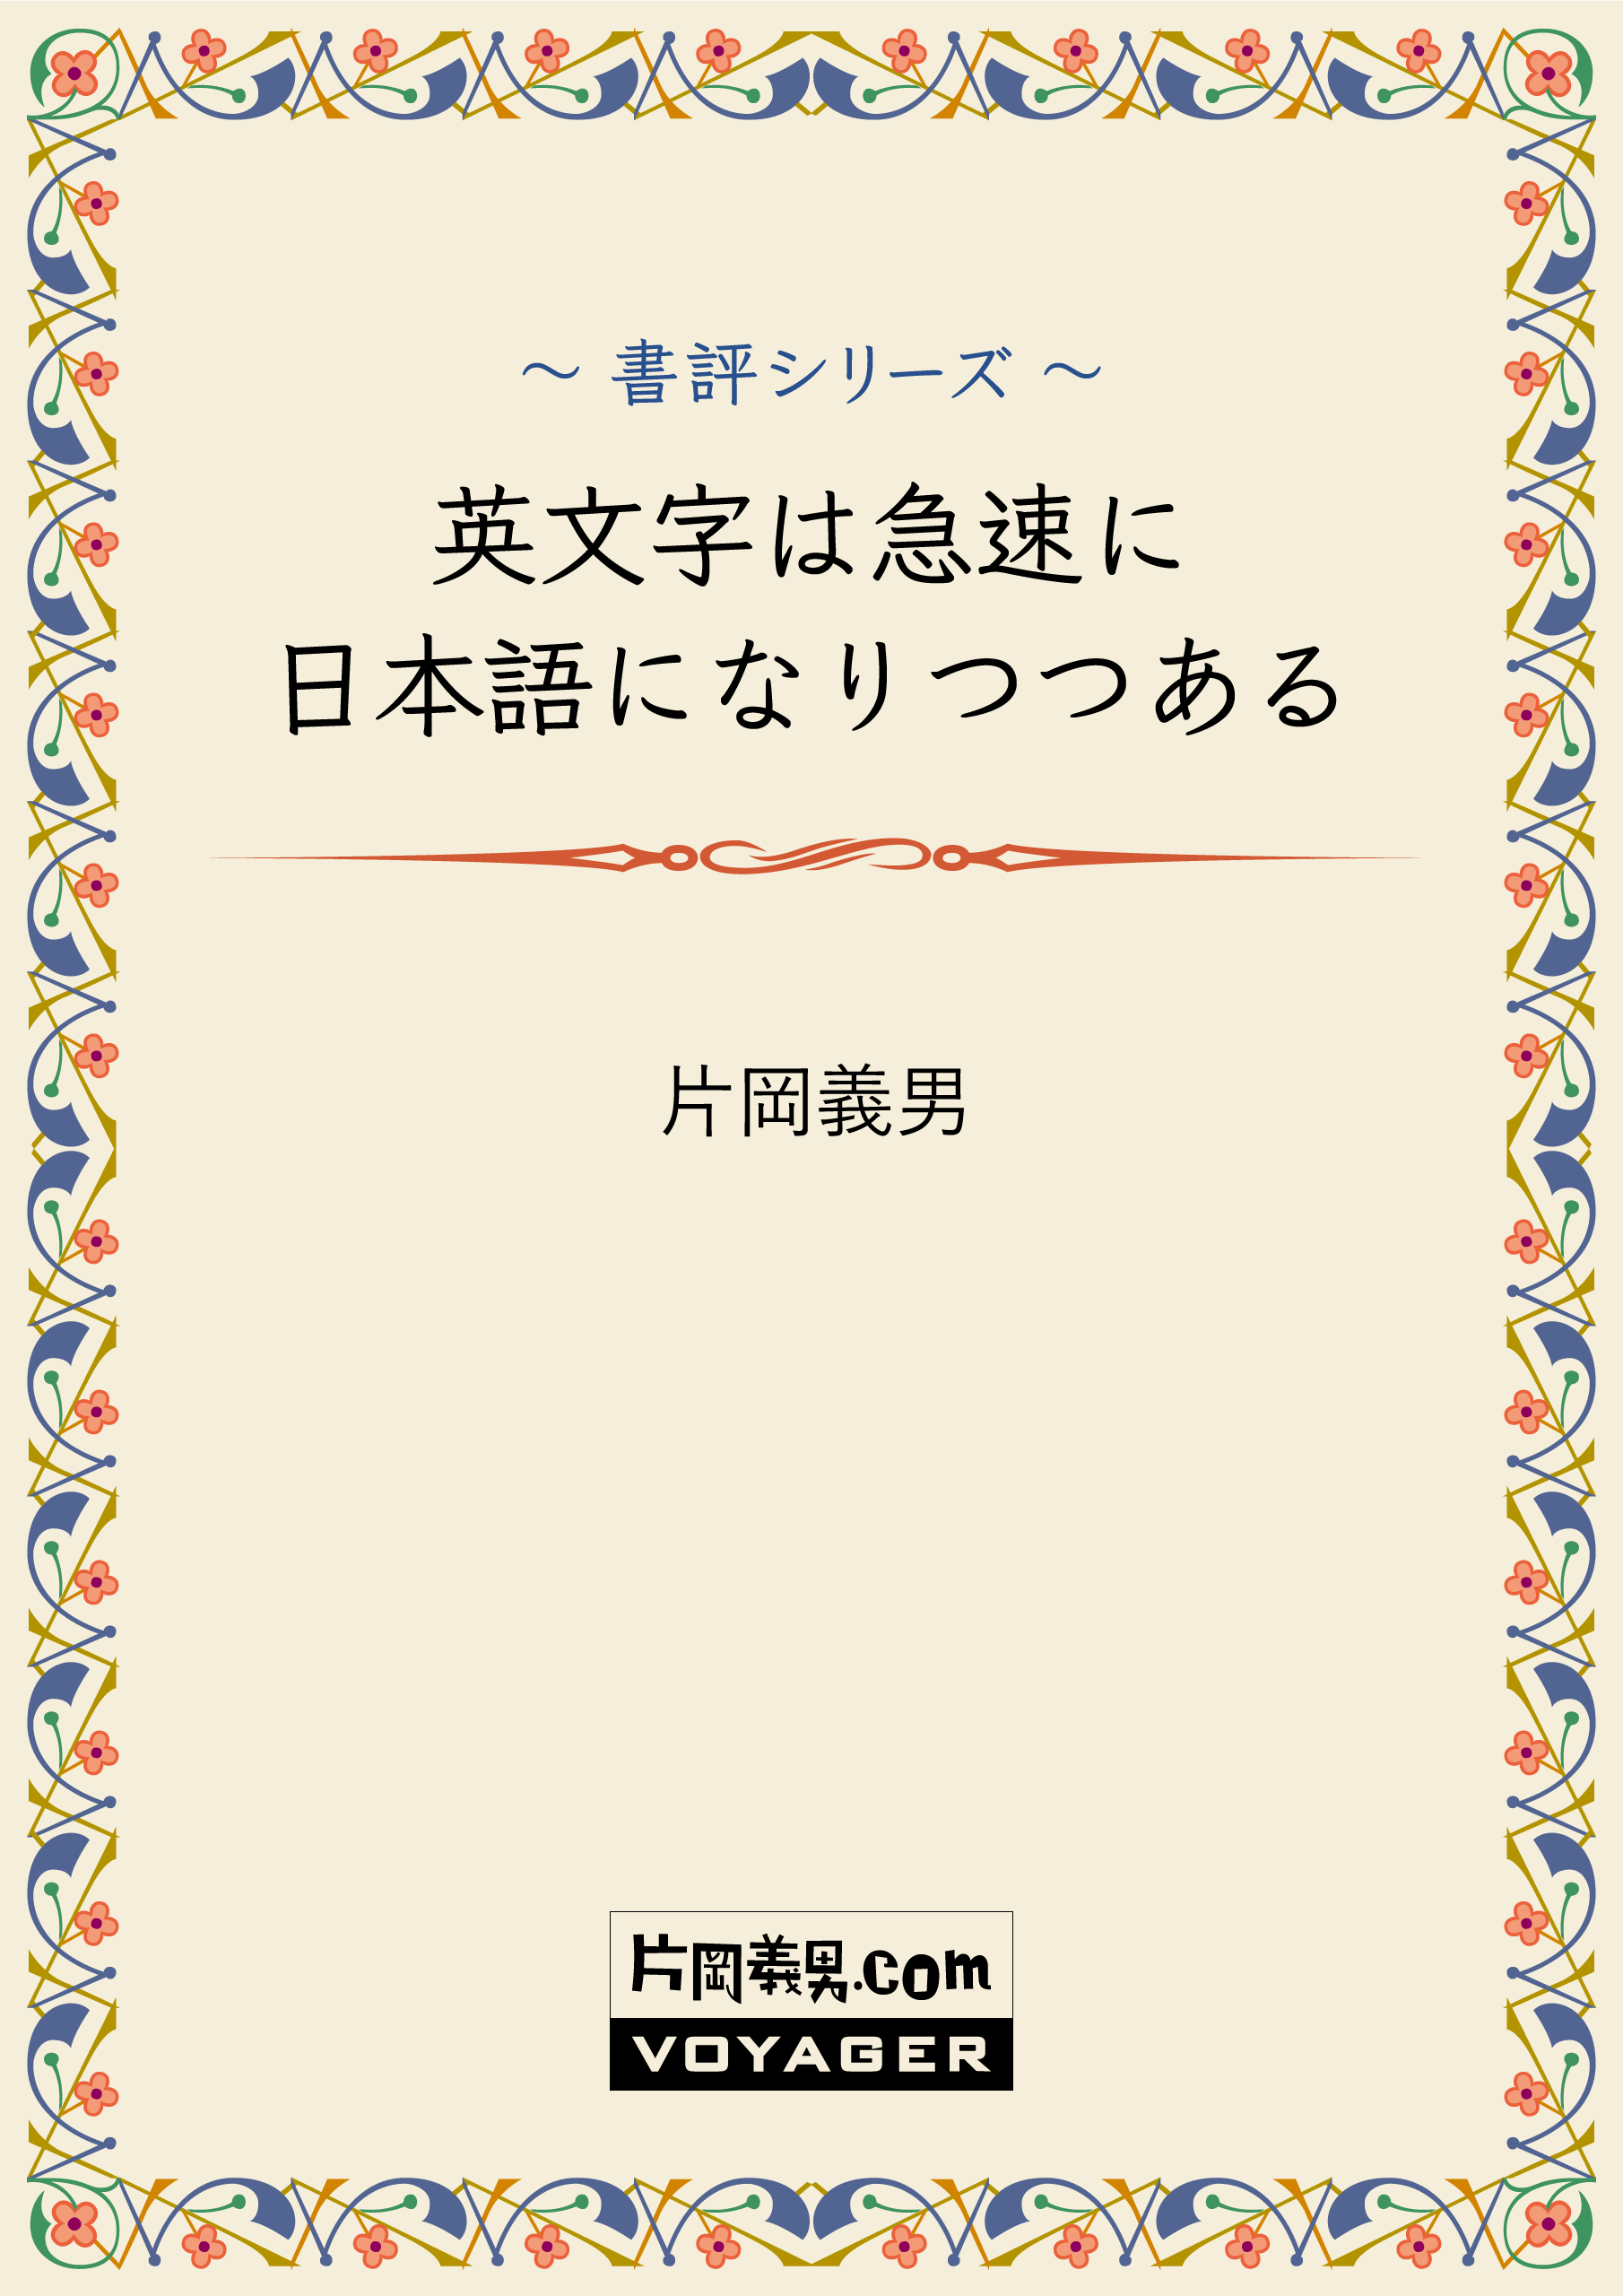 英文字は急速に日本語になりつつある